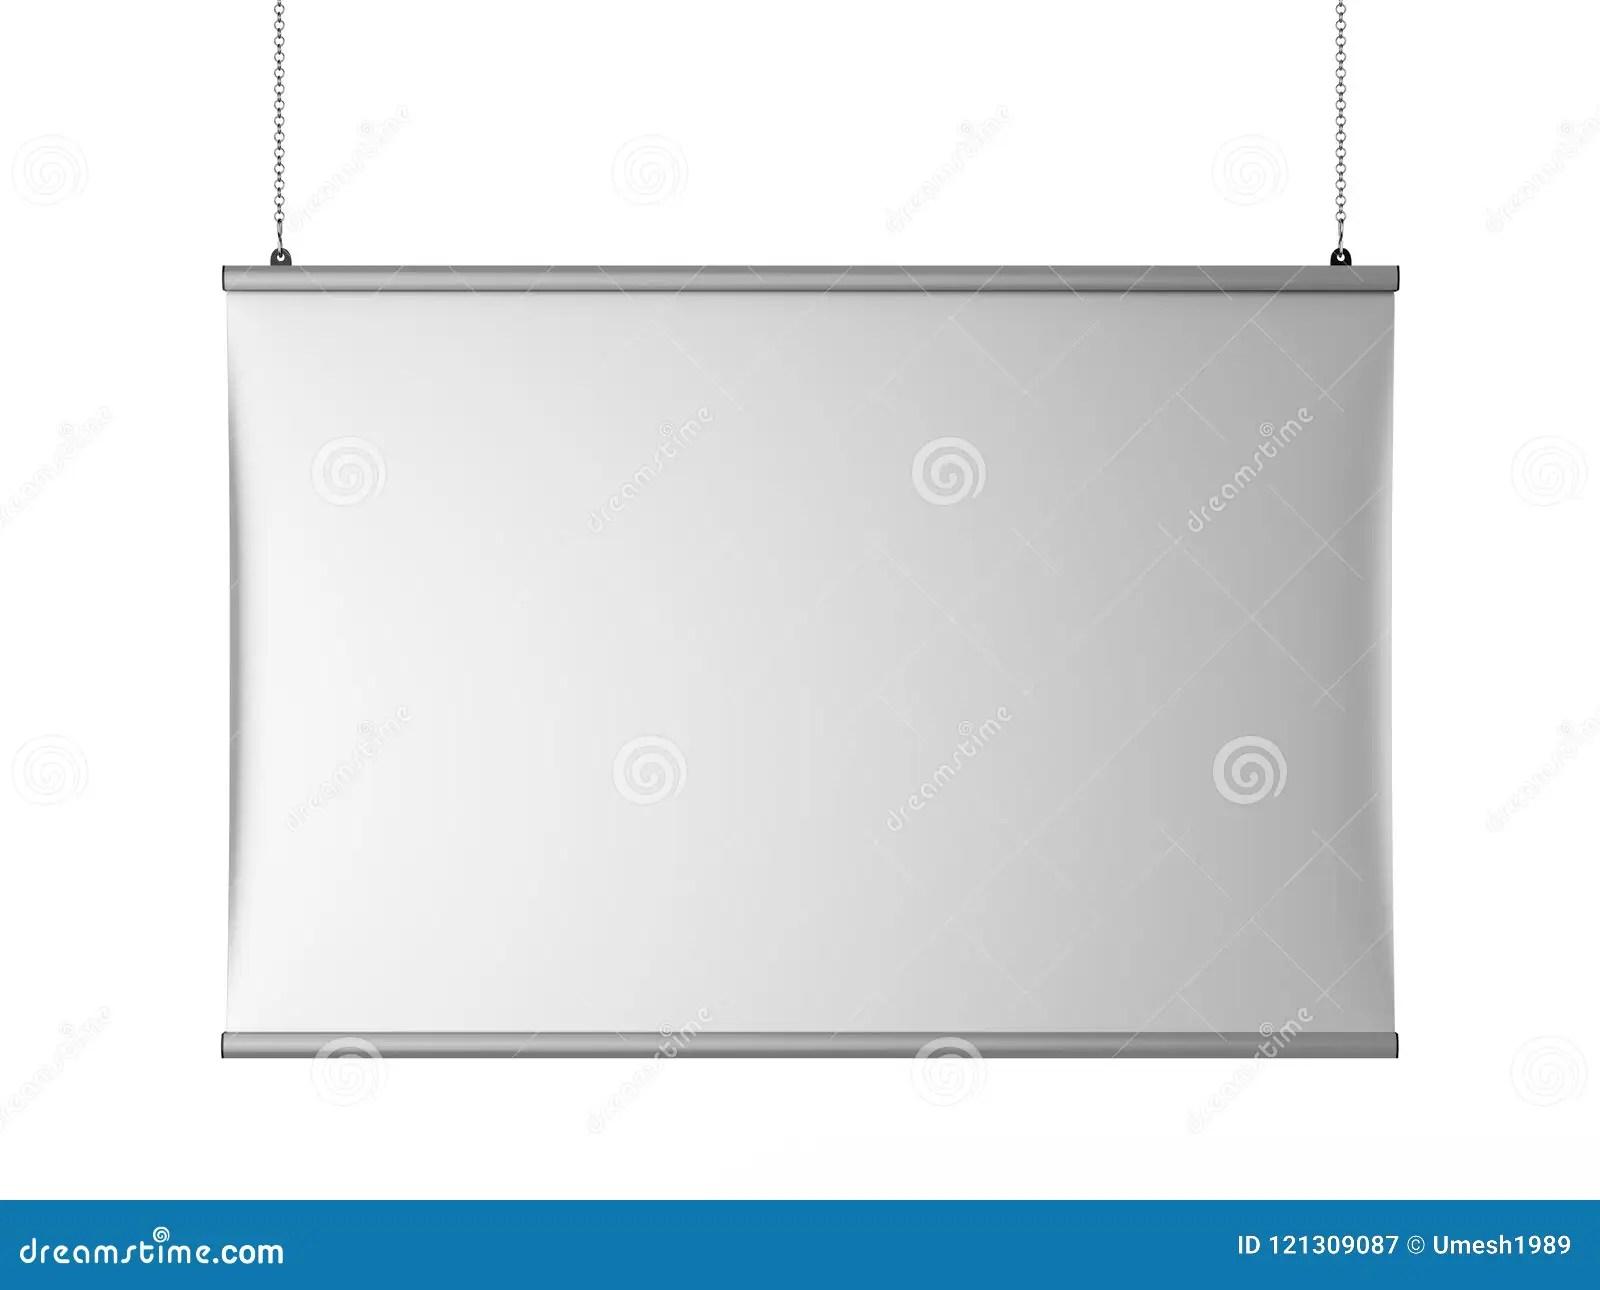 https www dreamstime com aluminum snap grip ceiling banner poster hanger hanging rails d render illustration image121309087